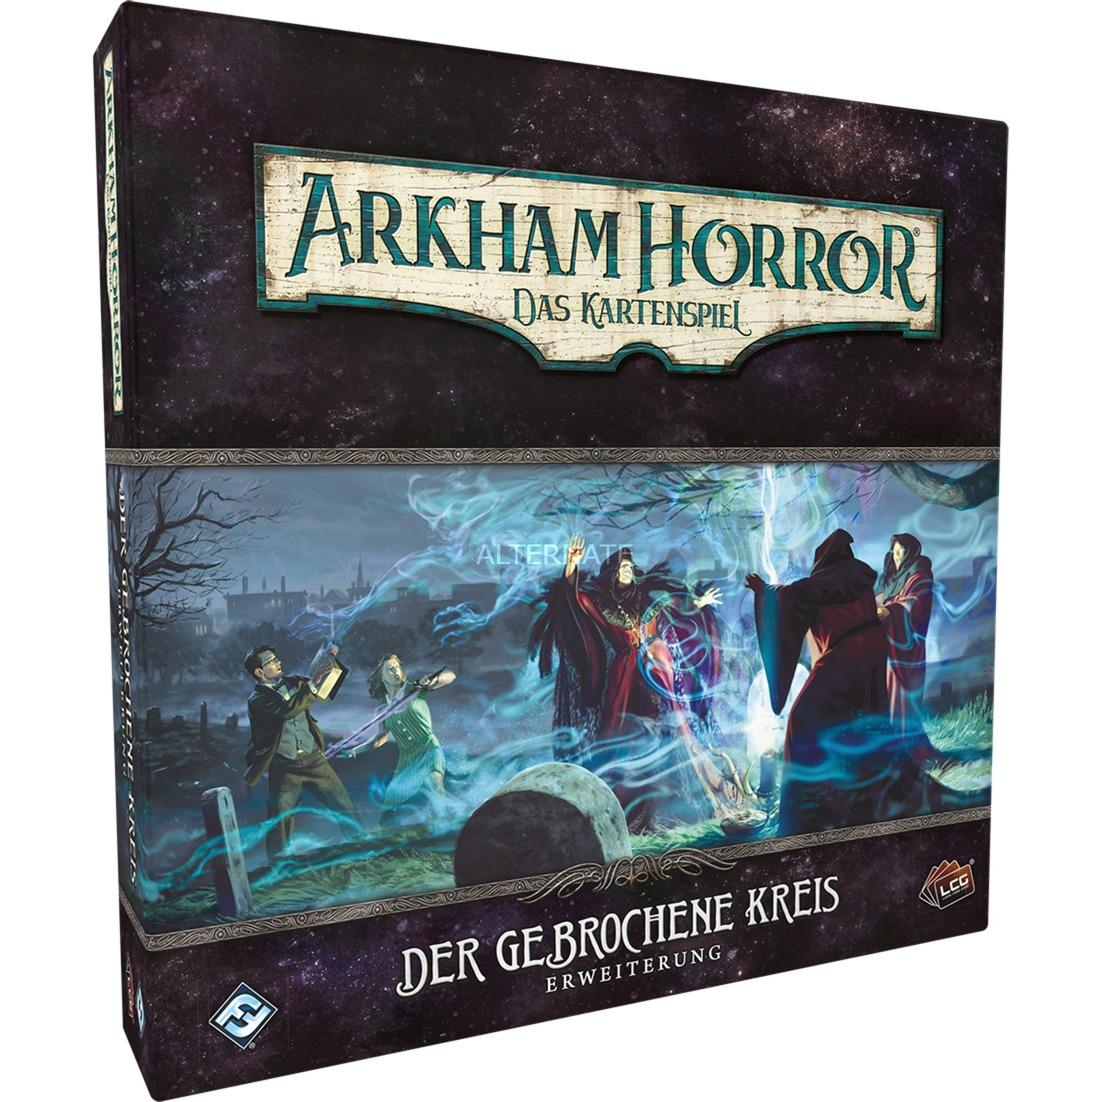 Image of Arkham Horror: LCG - Der gebrochene Kreis, Kartenspiel